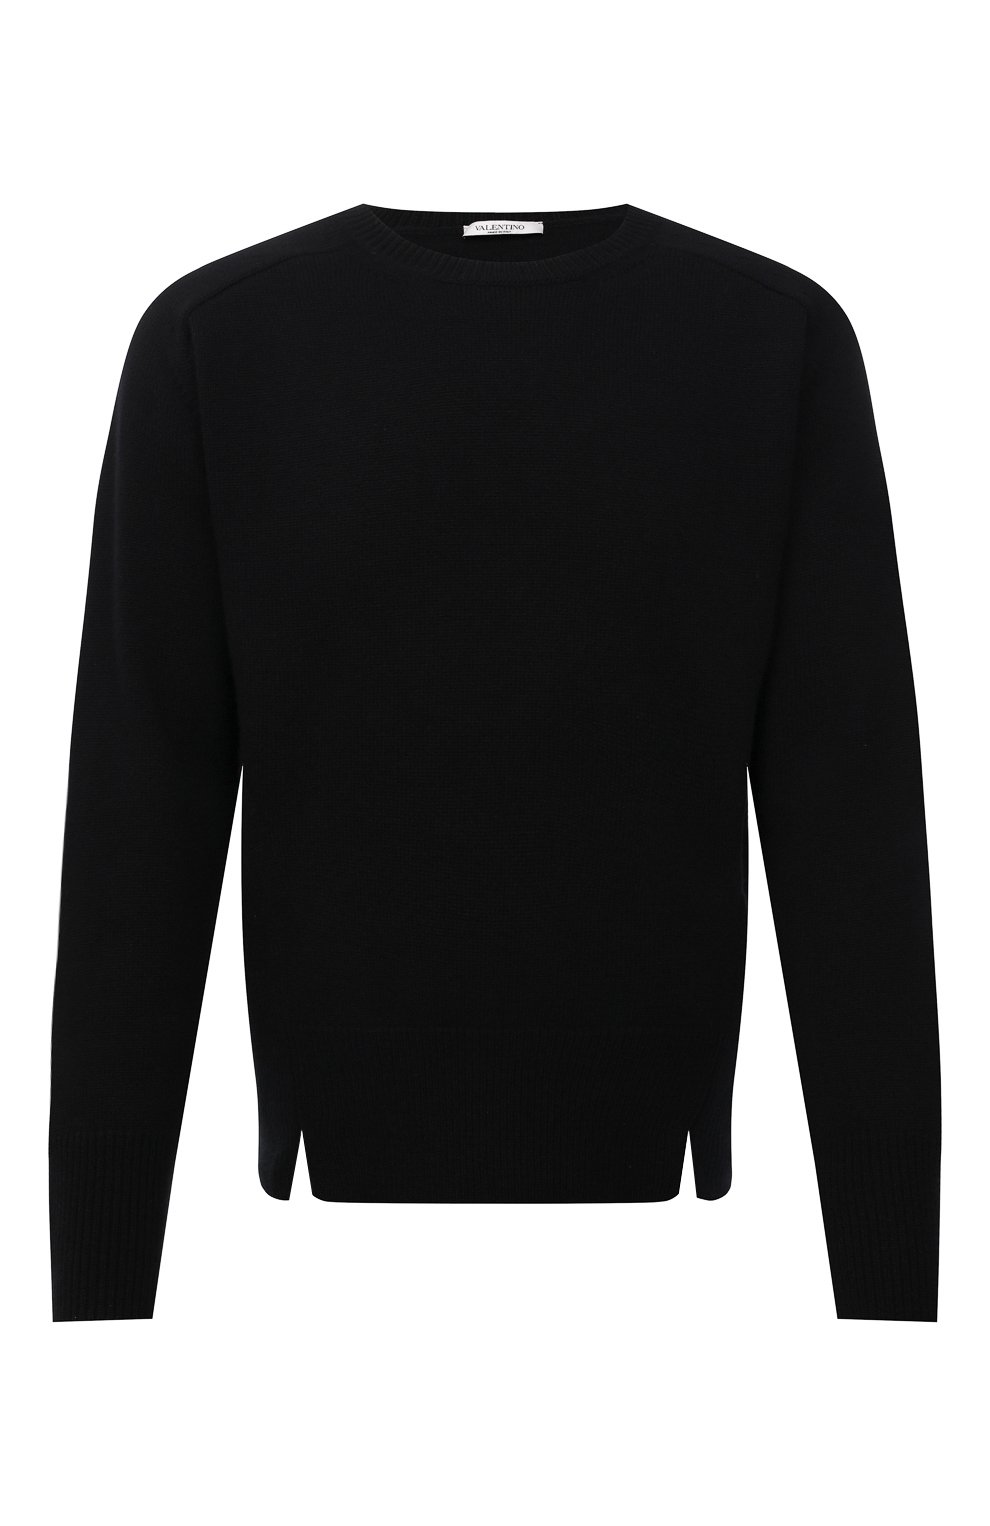 Мужской кашемировый свитер VALENTINO черного цвета, арт. WV3KC15D7K8 | Фото 1 (Материал внешний: Шерсть; Рукава: Длинные; Принт: Без принта; Длина (для топов): Стандартные; Стили: Кэжуэл)